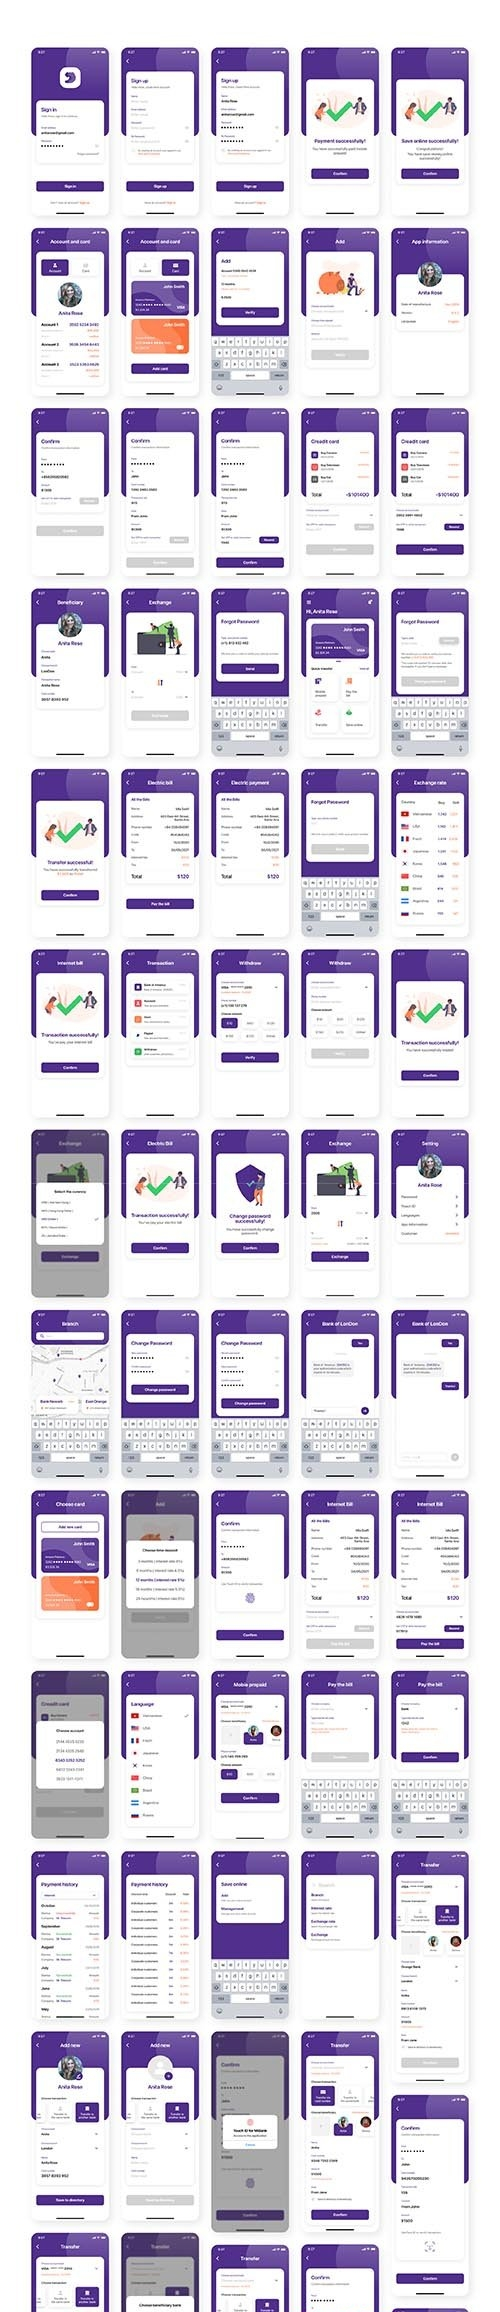 Miwal - Banking App UI Kit